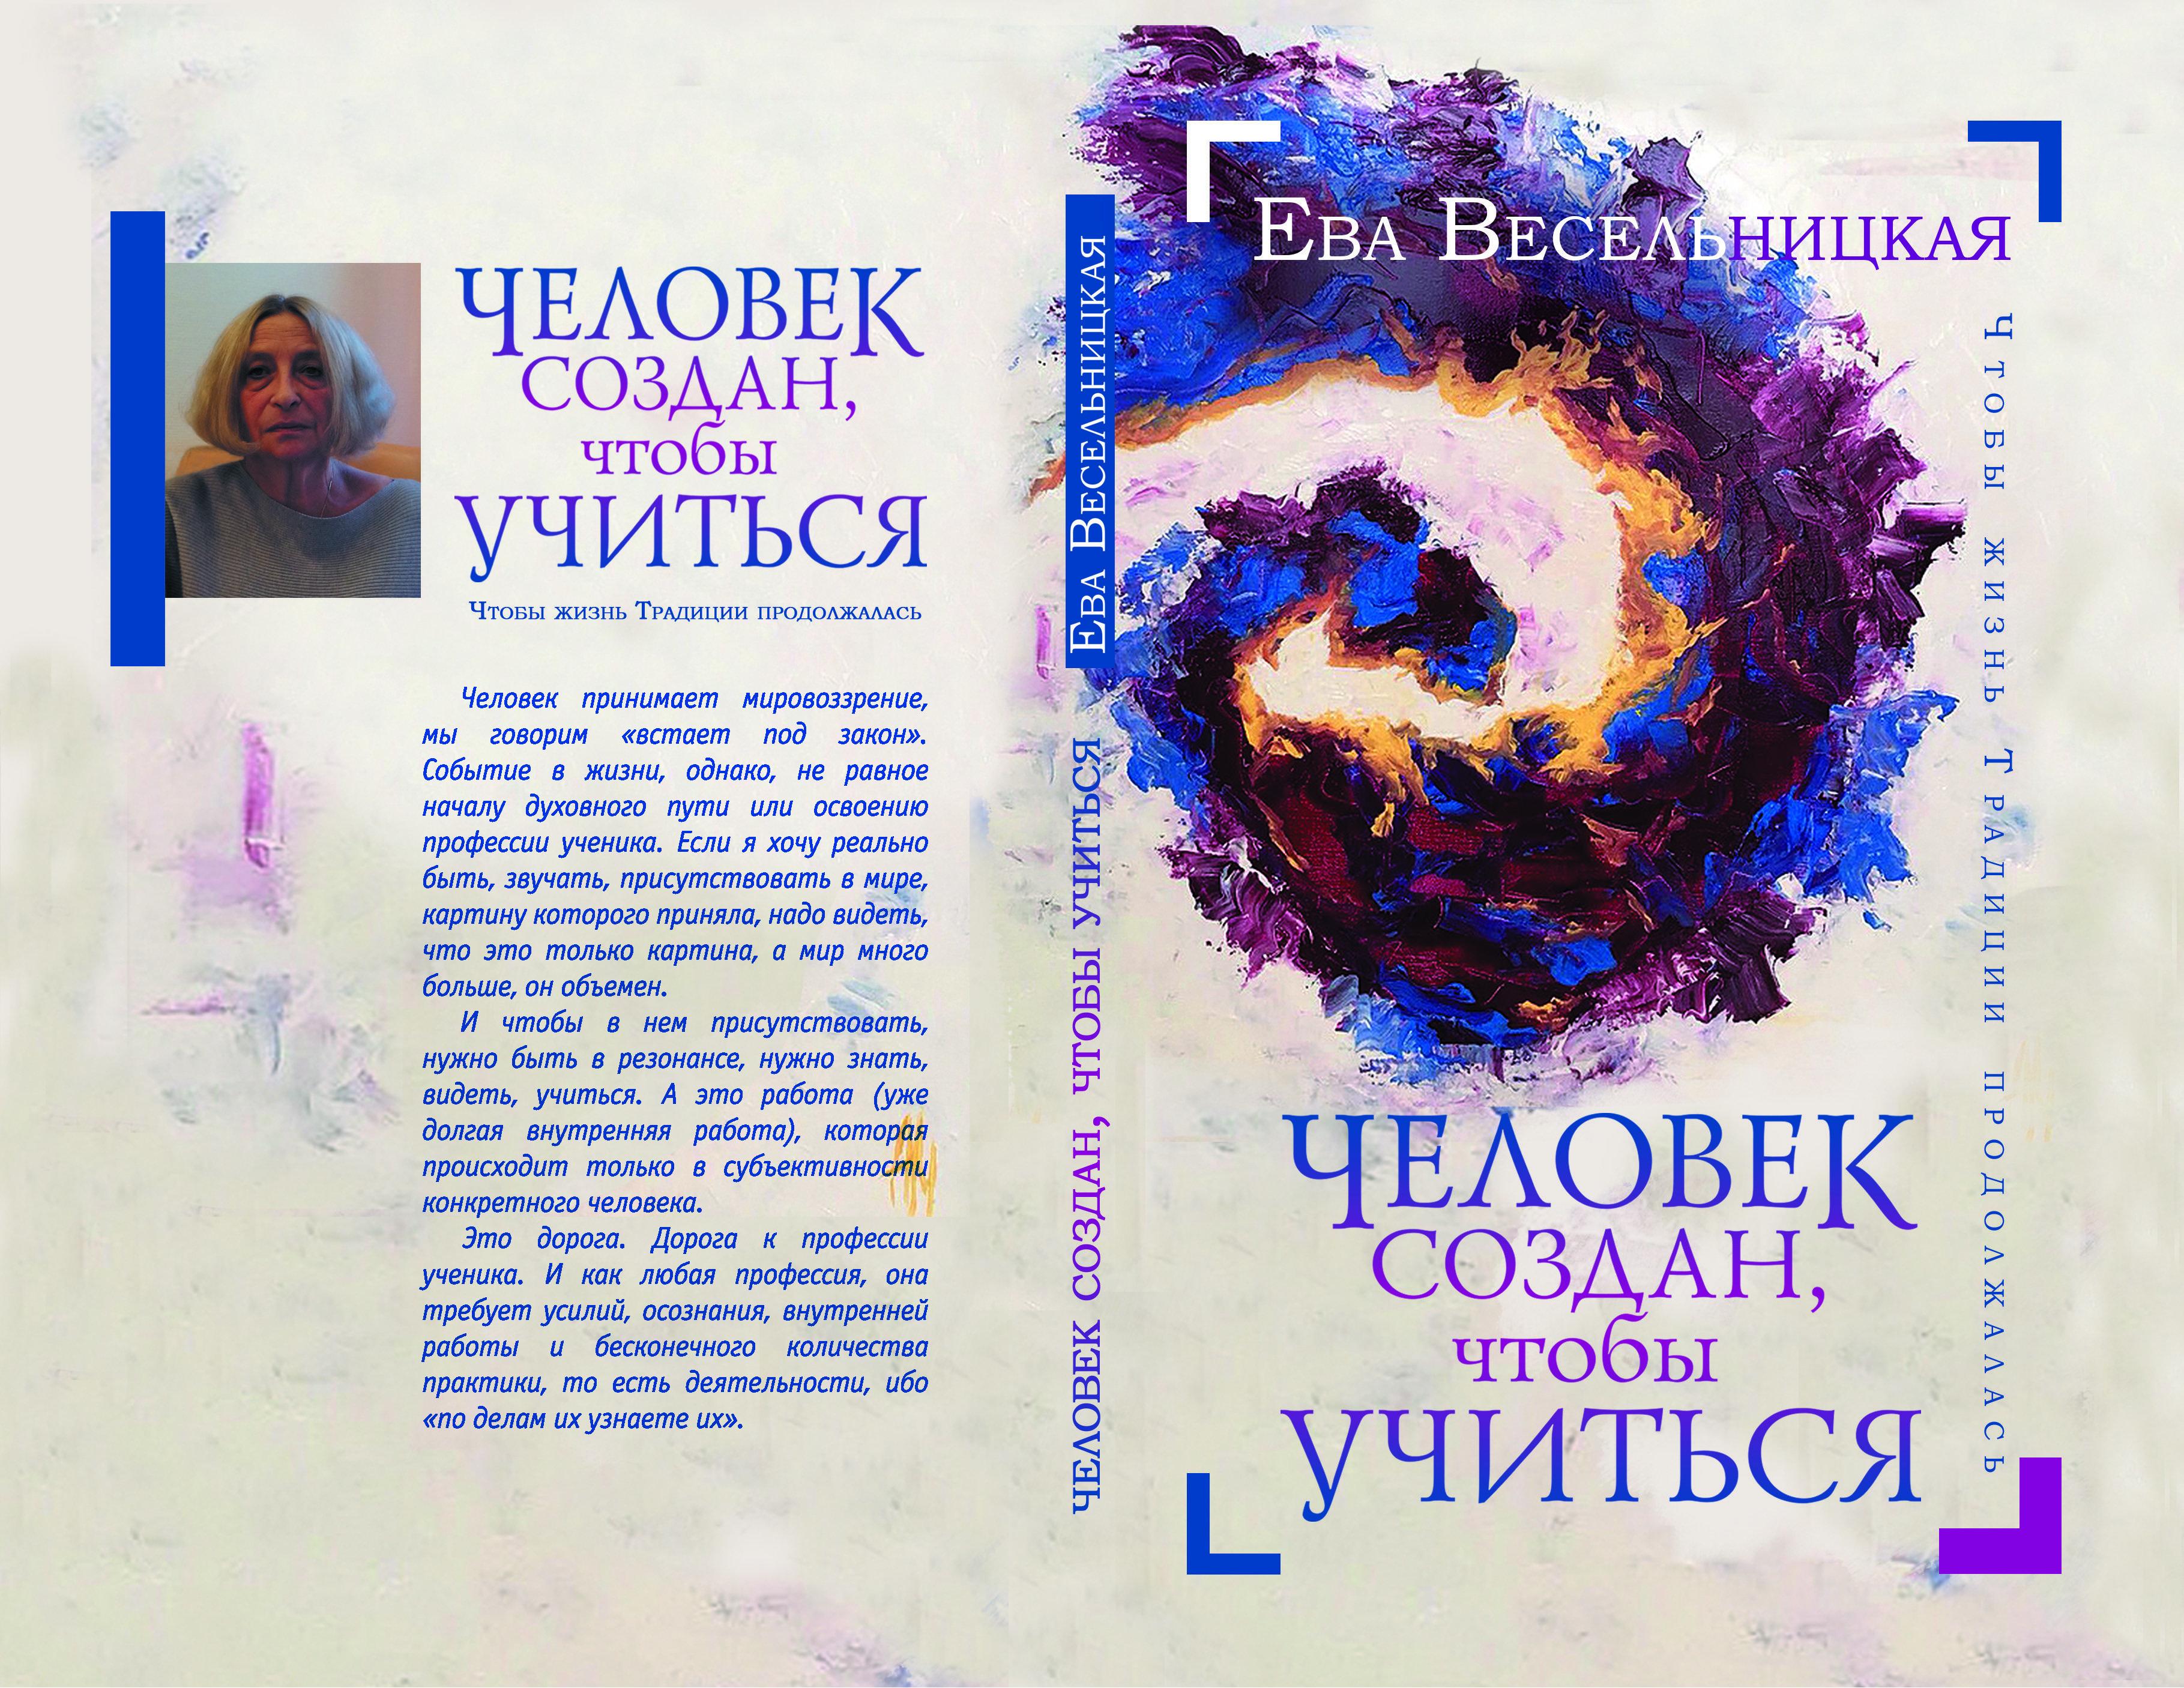 """Книга Евы Весельницкой """"Человек создан, чтобы учиться"""" 12+ 00015"""